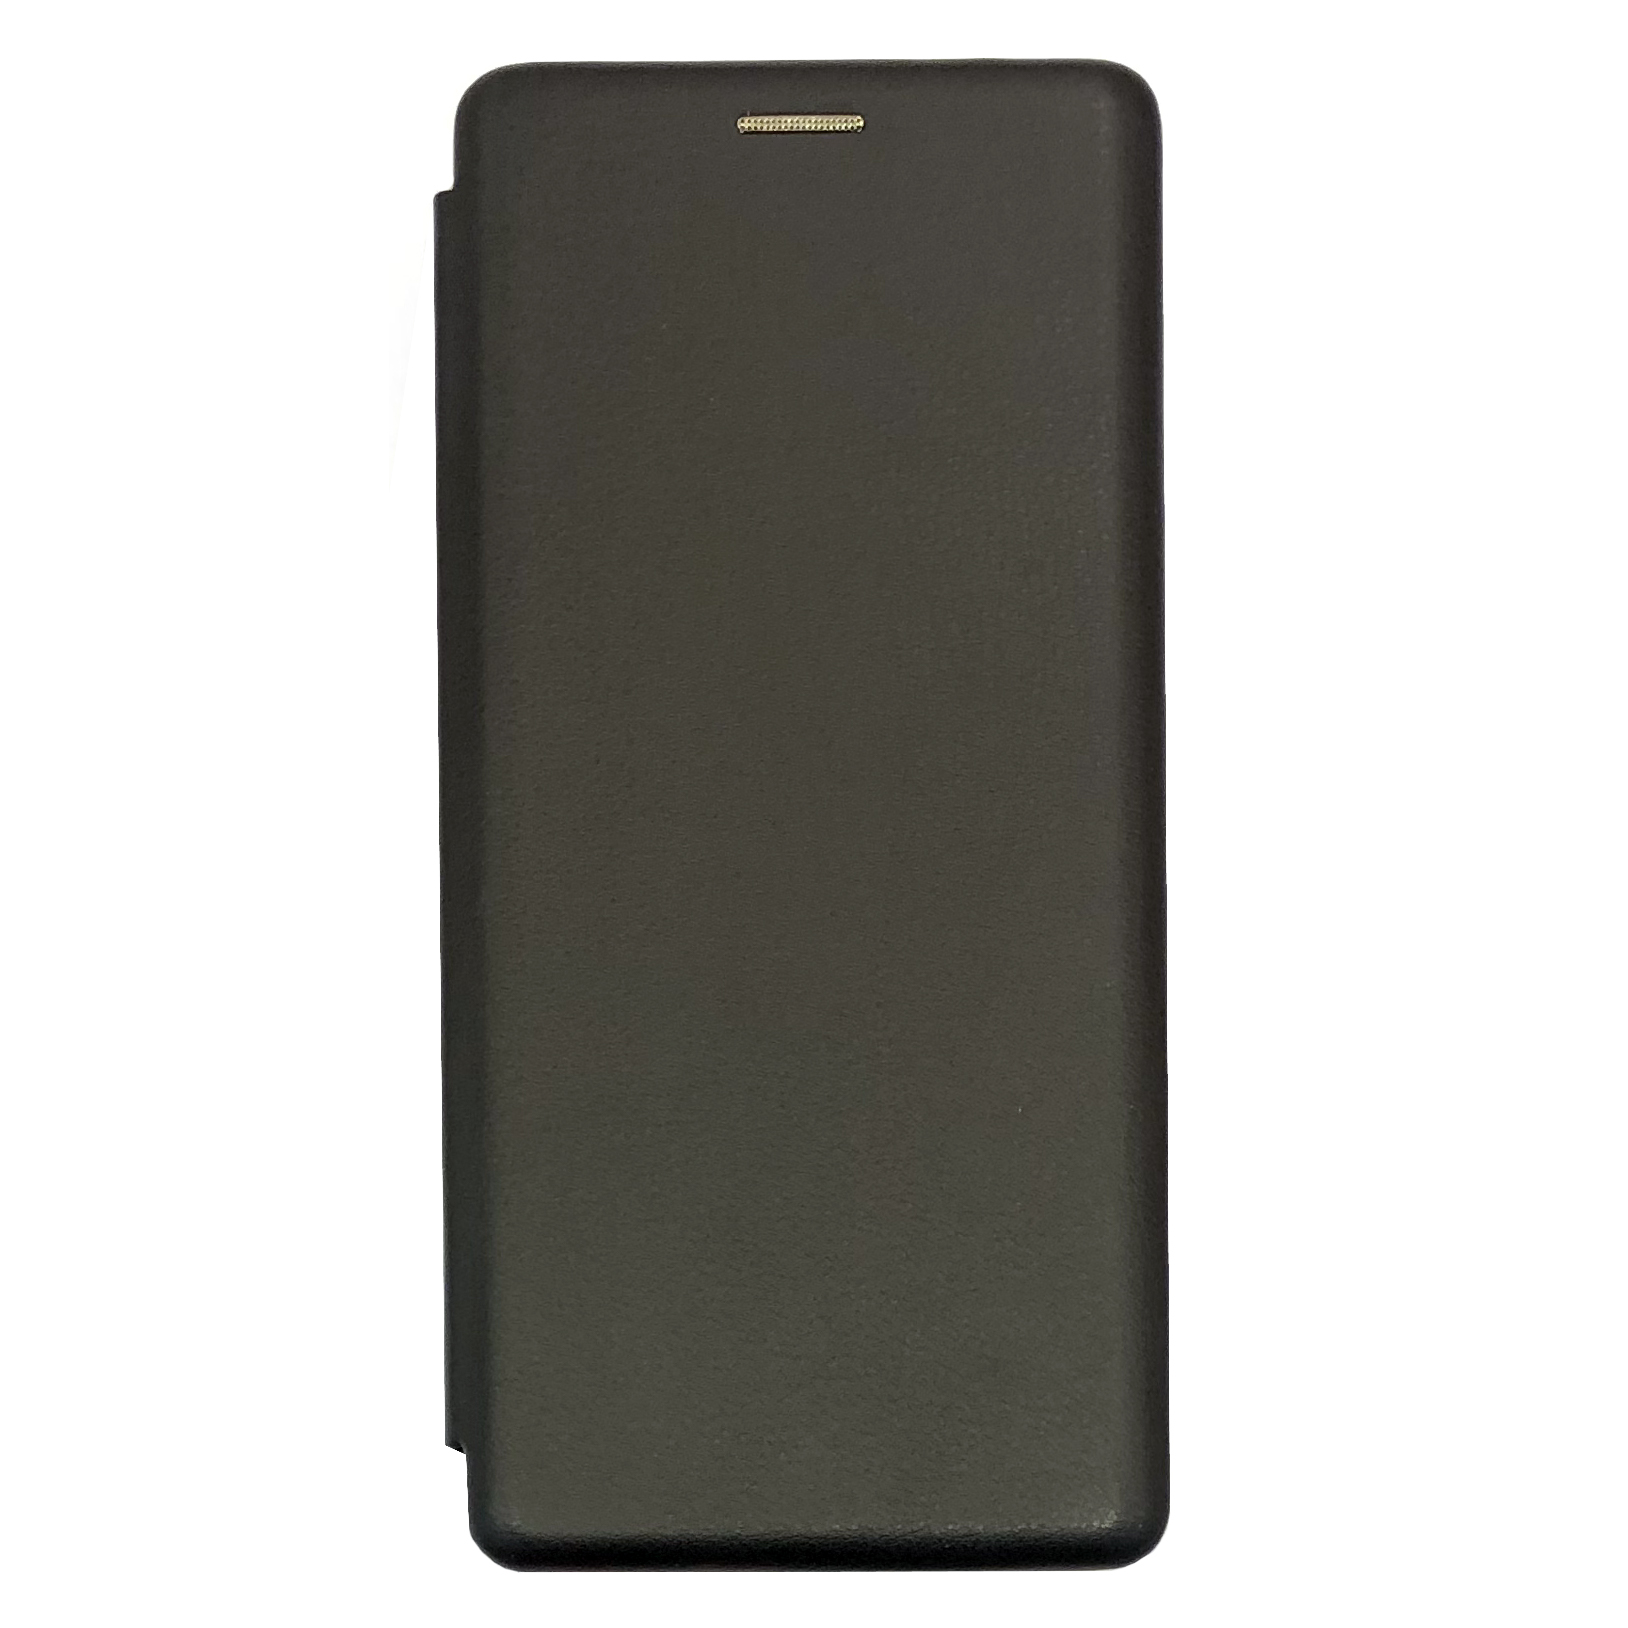 کیف کلاسوری مدل KF-001 مناسب برای گوشی موبایل شیائومی Redmi Note 9S / Redmi Note 9 Pro / Redmi Note 9 Pro Max              ( قیمت و خرید)